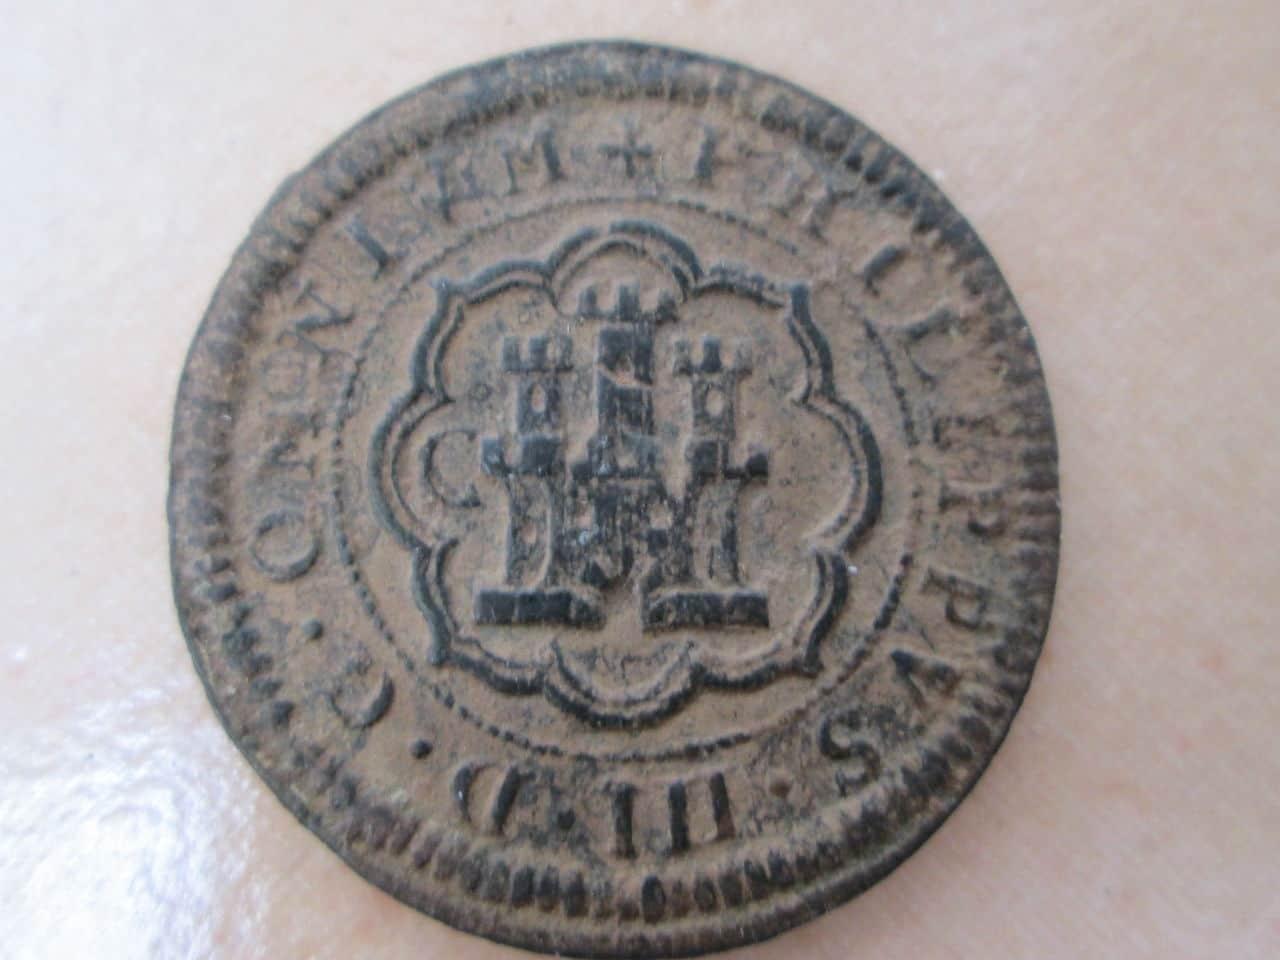 4 maravedís de Felipe III, 1599, tipo omnivm, Segovia. IMG_0752